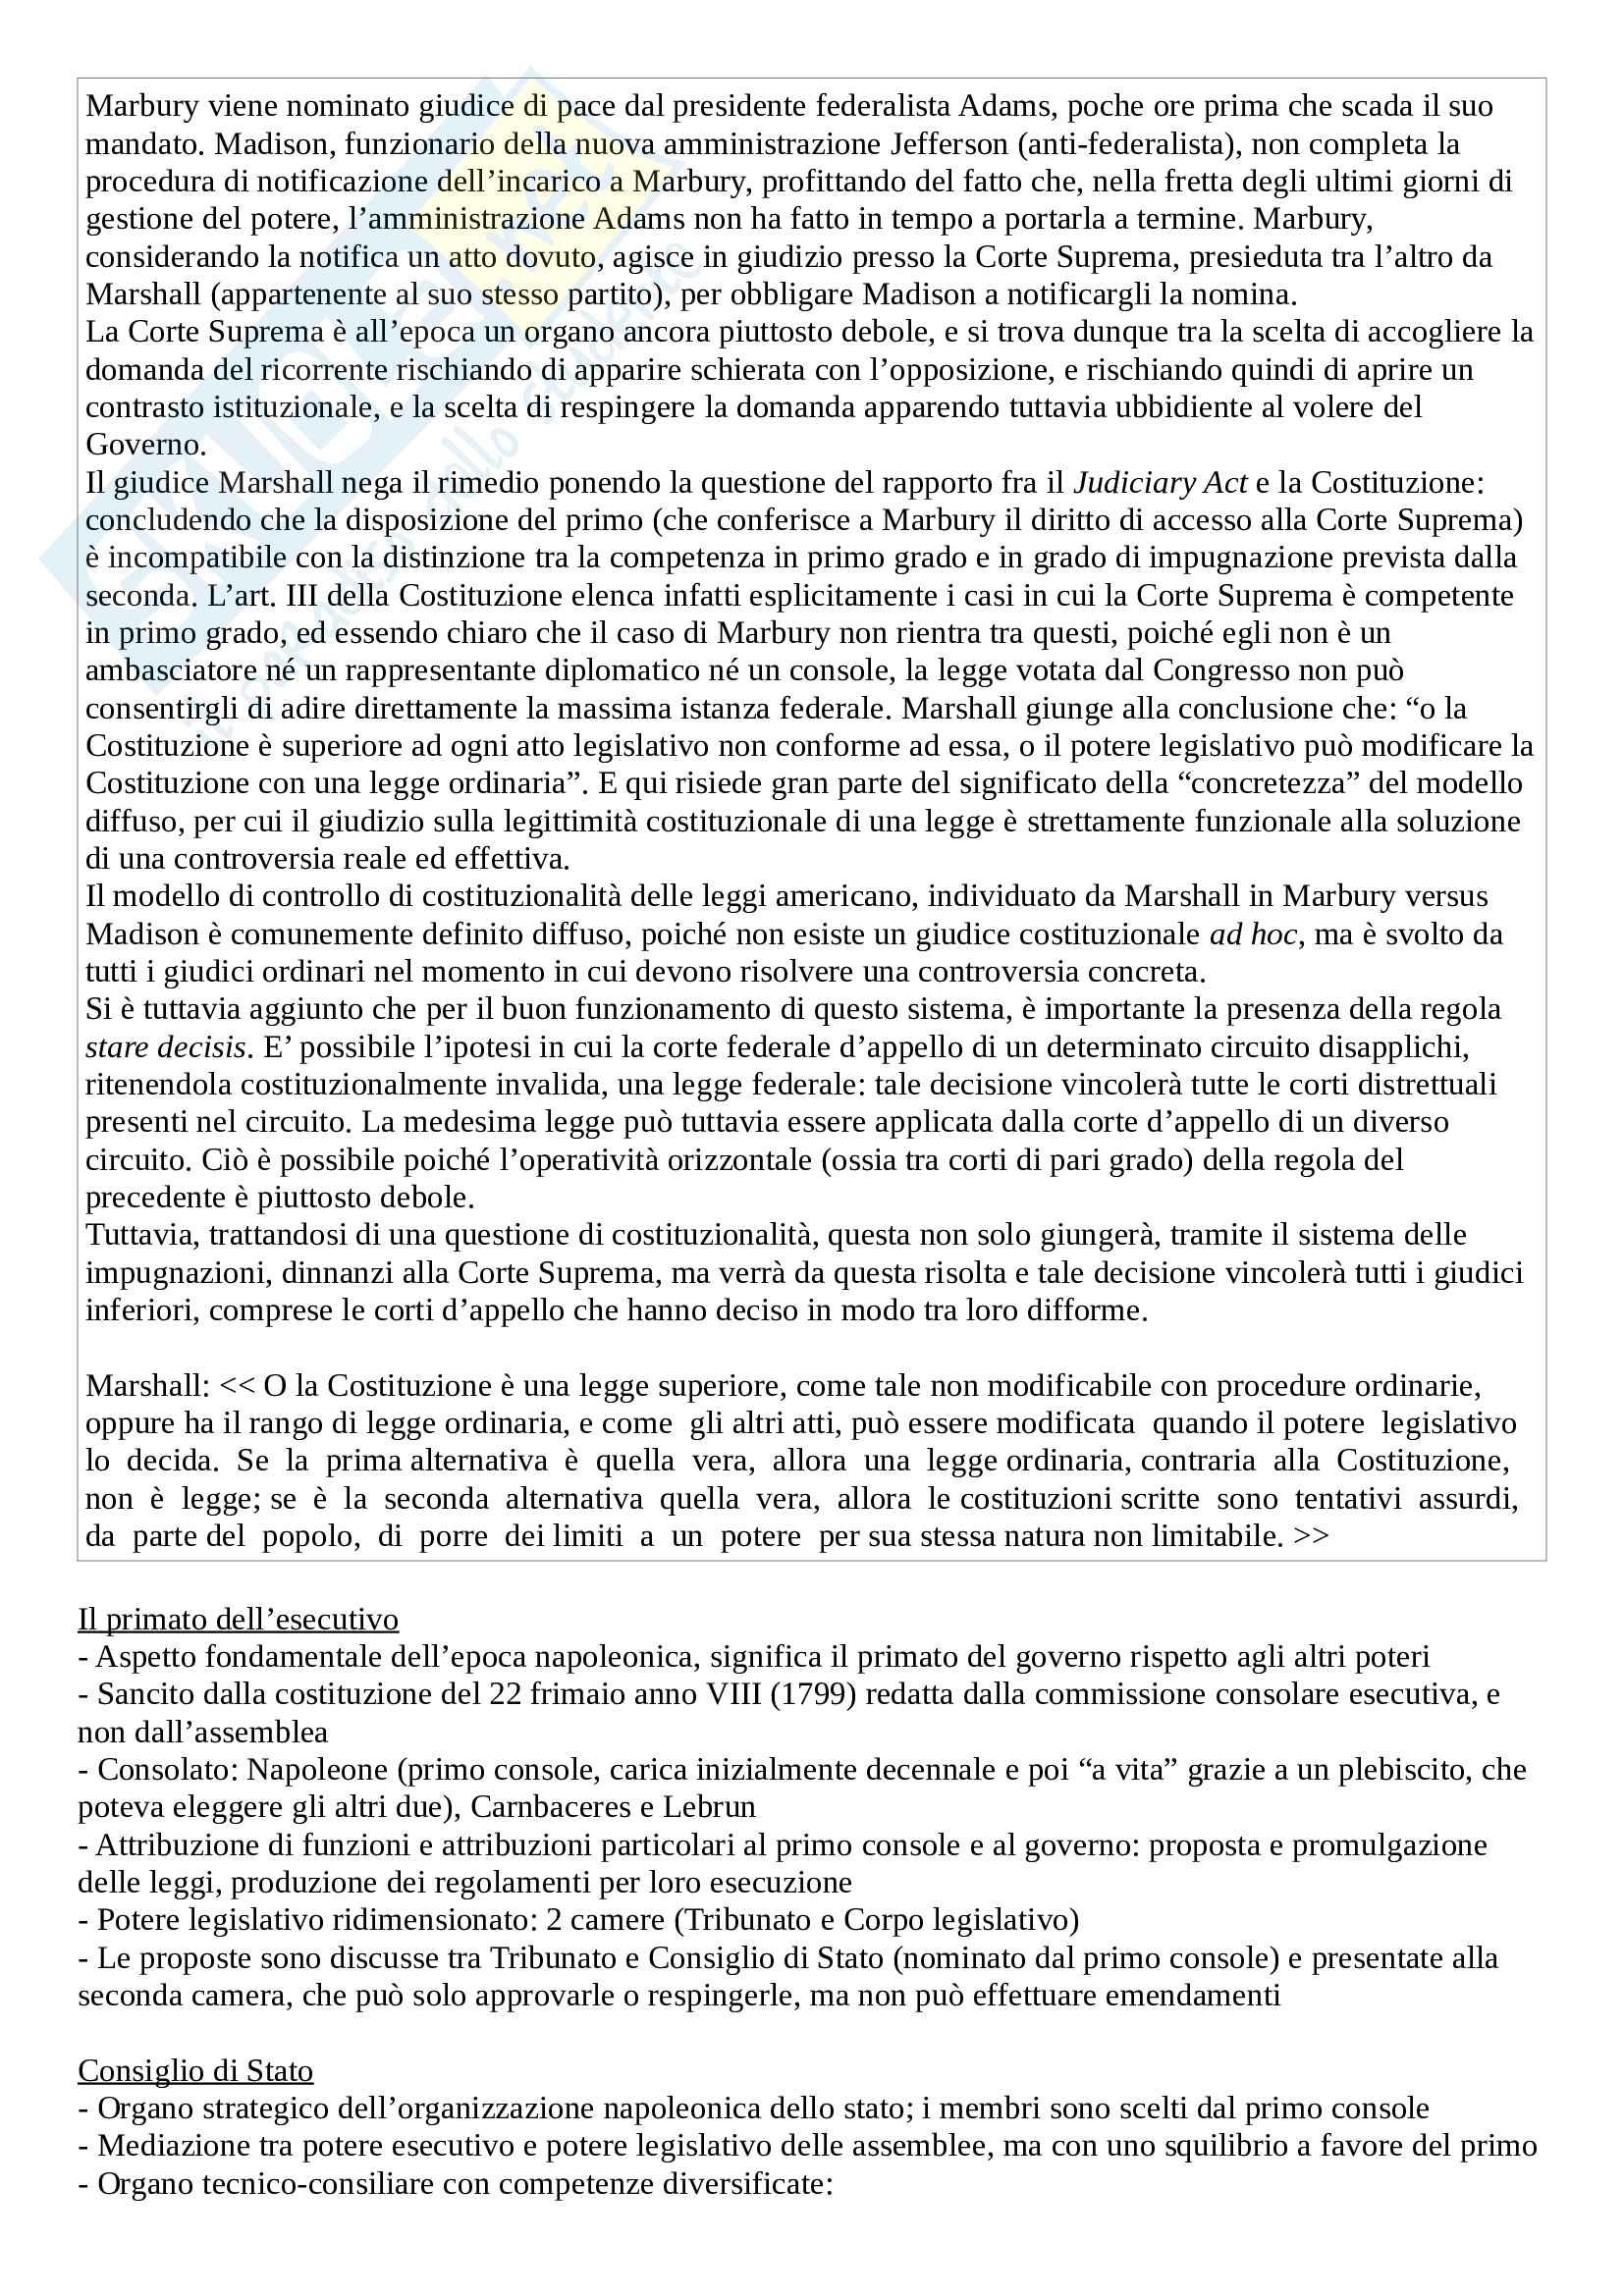 Storia contemporanea - Appunti lezioni Pag. 6